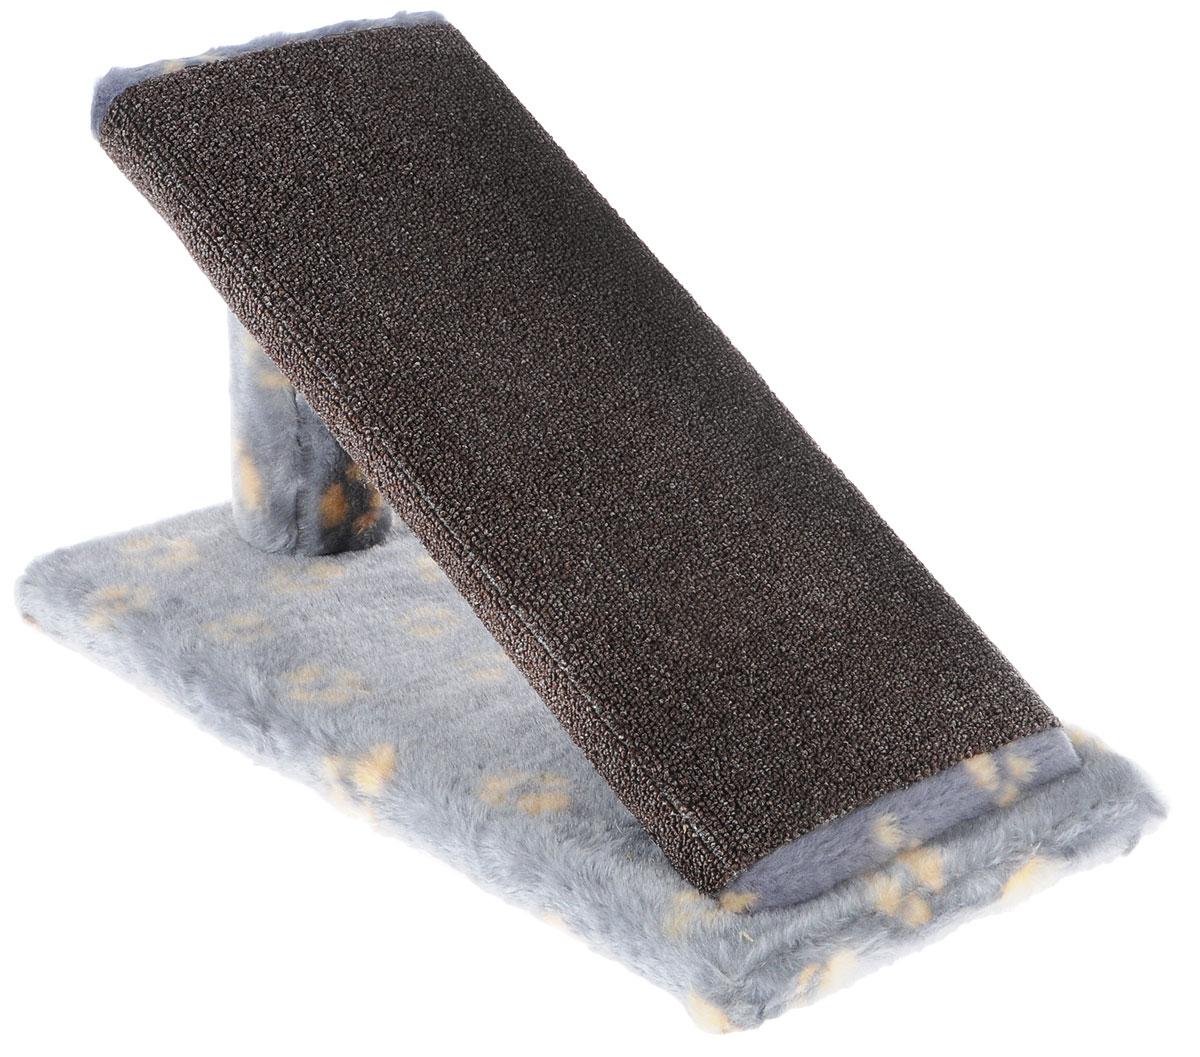 Когтеточка для котят Меридиан Горка, цвет: серый, желтый, коричневый, 45 х 25 х 25 см12171996Когтеточка Меридиан Горка предназначена для стачивания когтей вашего котенка и предотвращения их врастания. Она выполнена из ДВП, ДСП и искусственного меха. Точатся когти о накладку из ковролина. Когтеточка позволяет сохранить неповрежденными мебель и другие предметы интерьера.